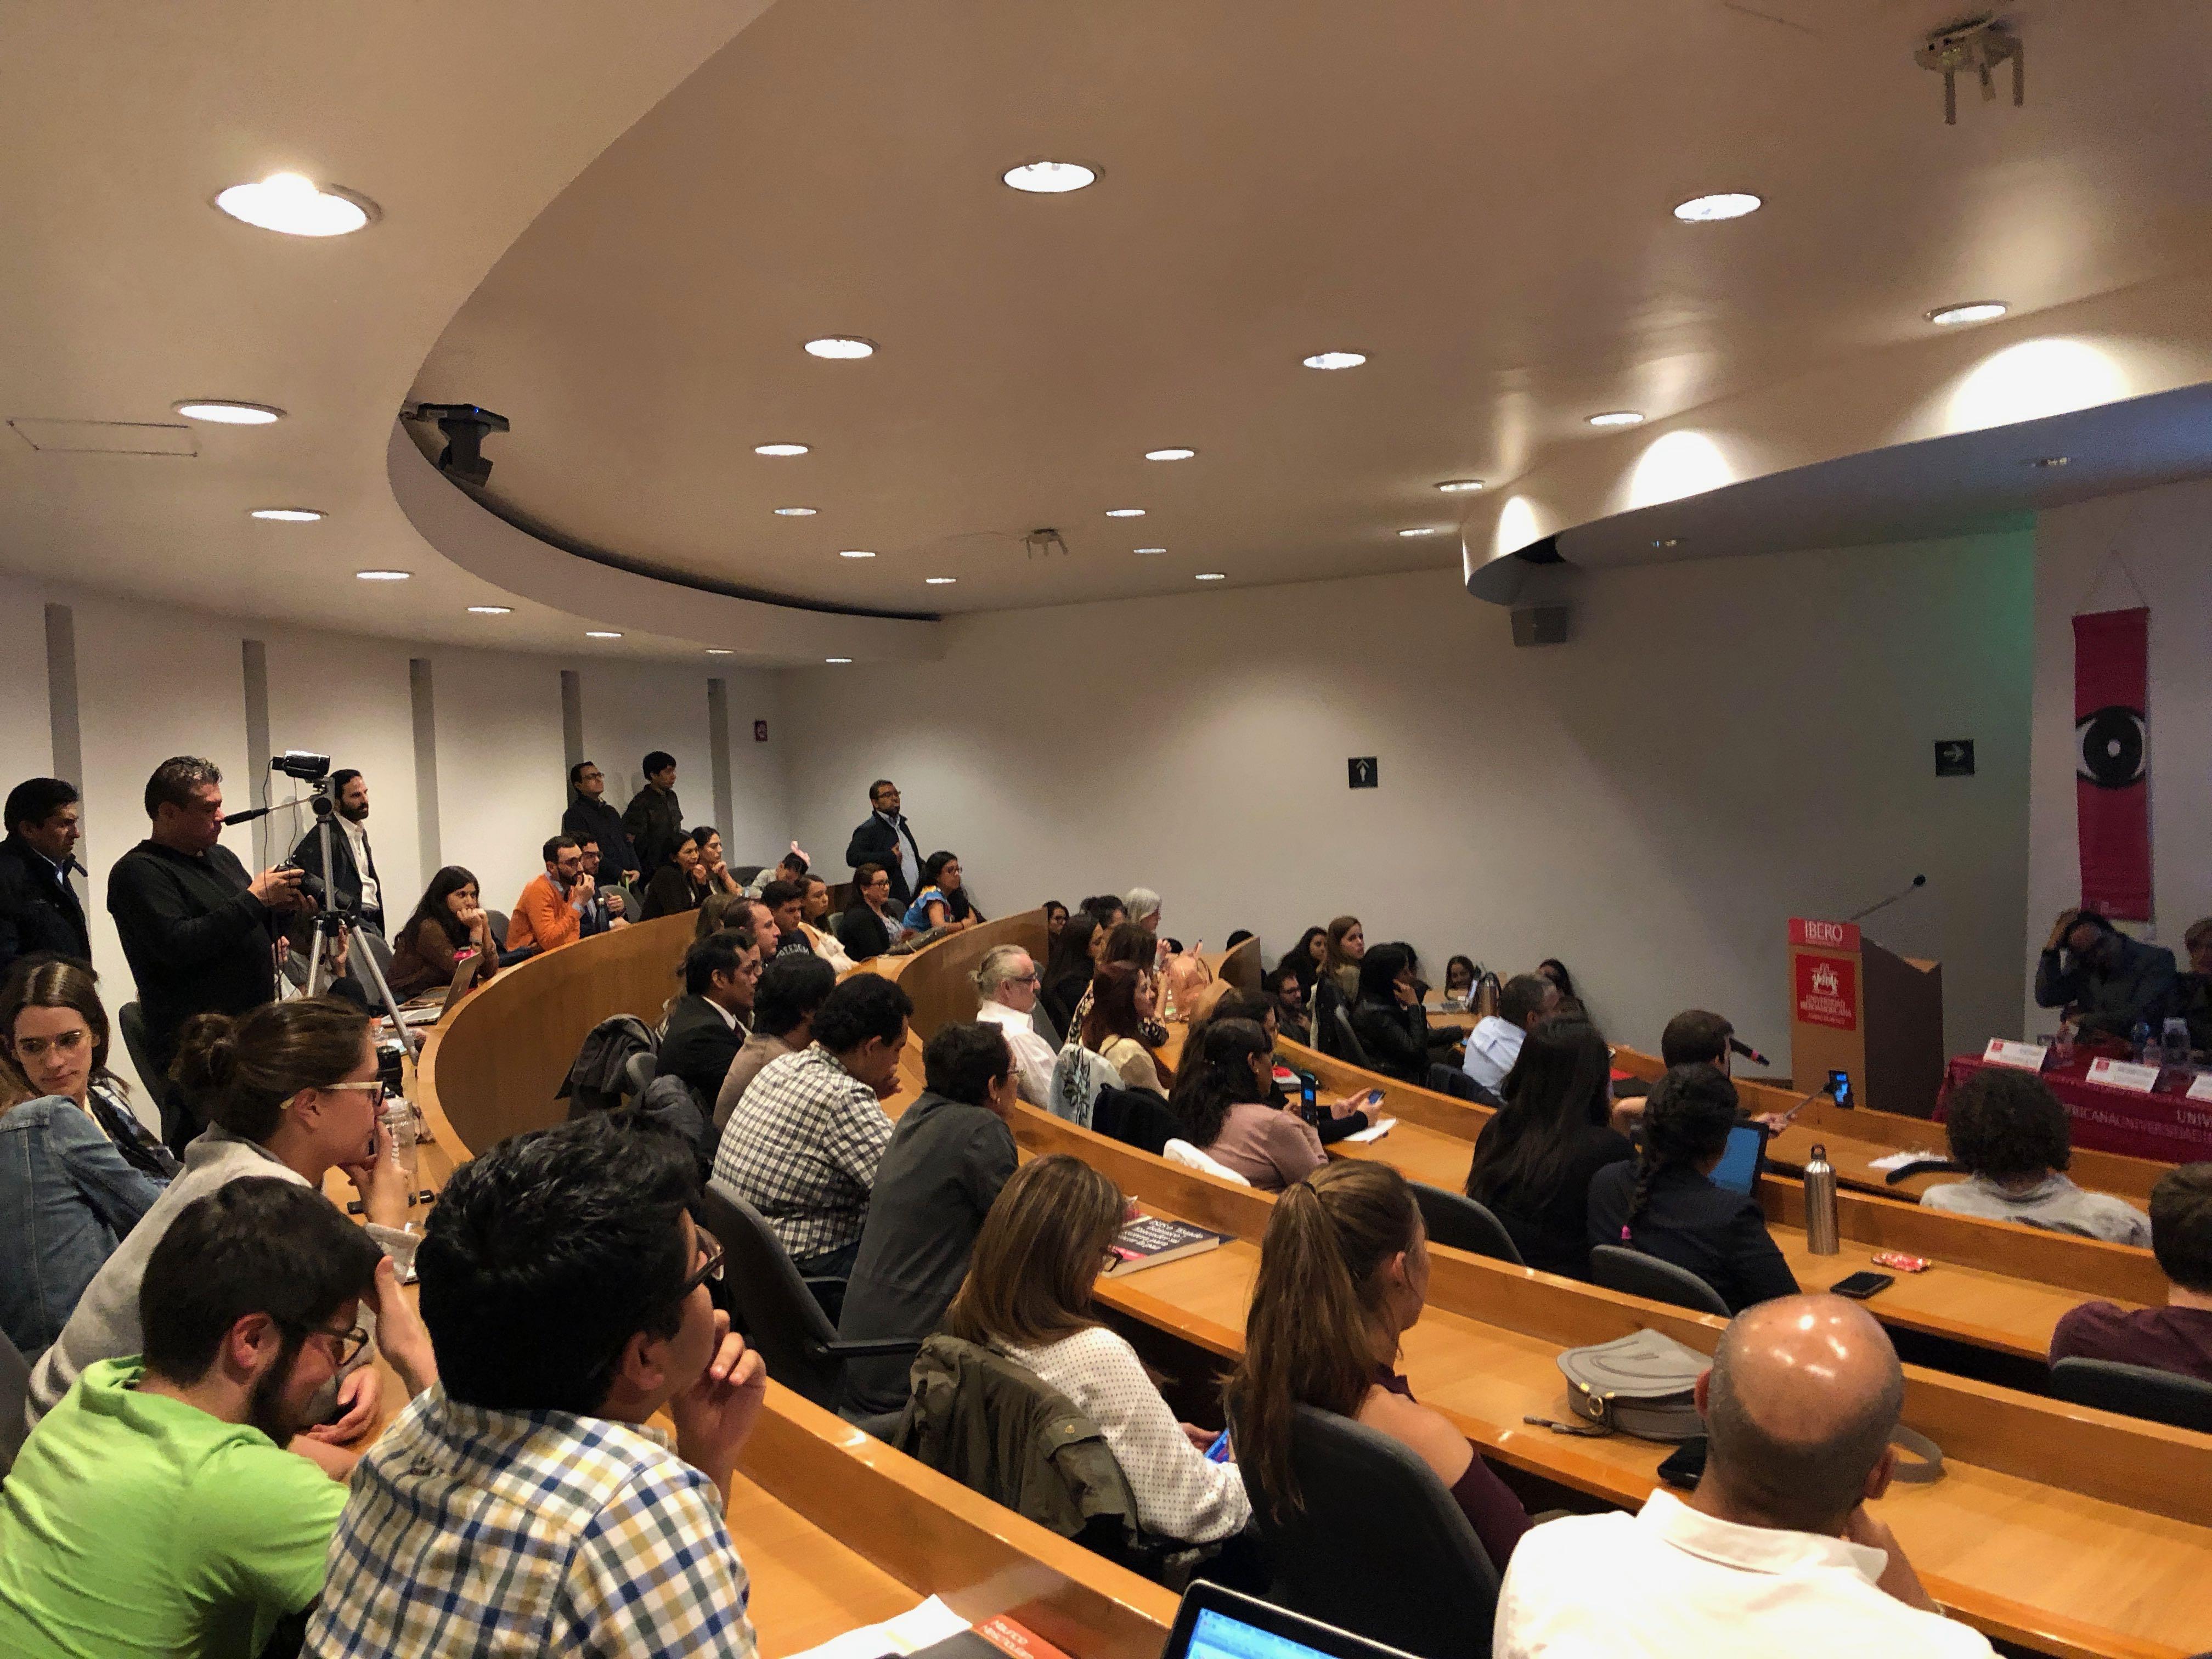 Presentación del libro «Crimen organizado, Miedo y Construcción de Paz en México» en la Universidad Iberoamericana